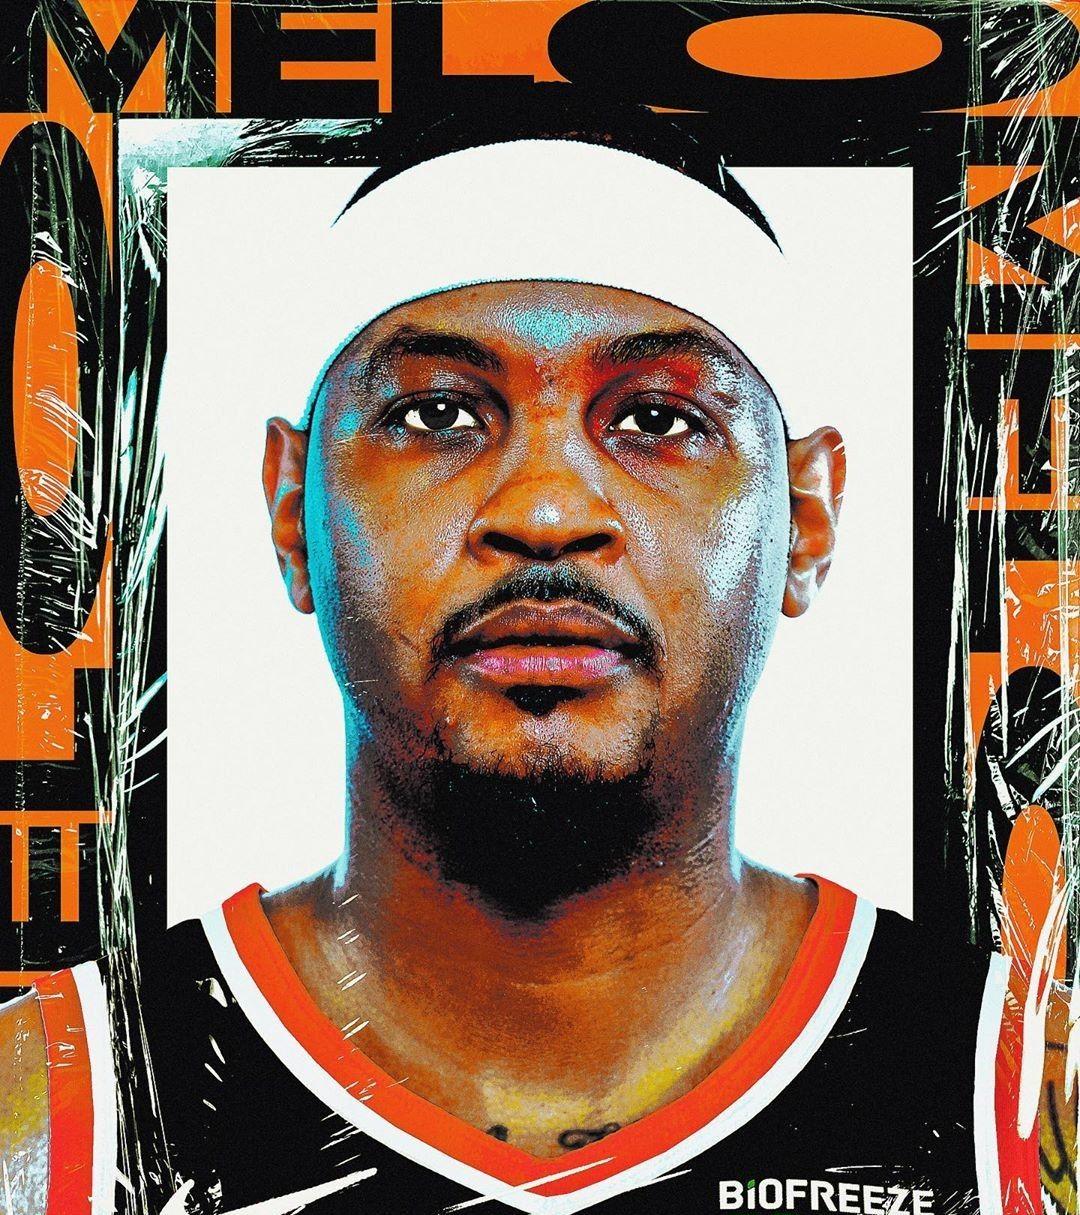 瓜哥新鲜出炉!NBA球星肖像特效图专辑